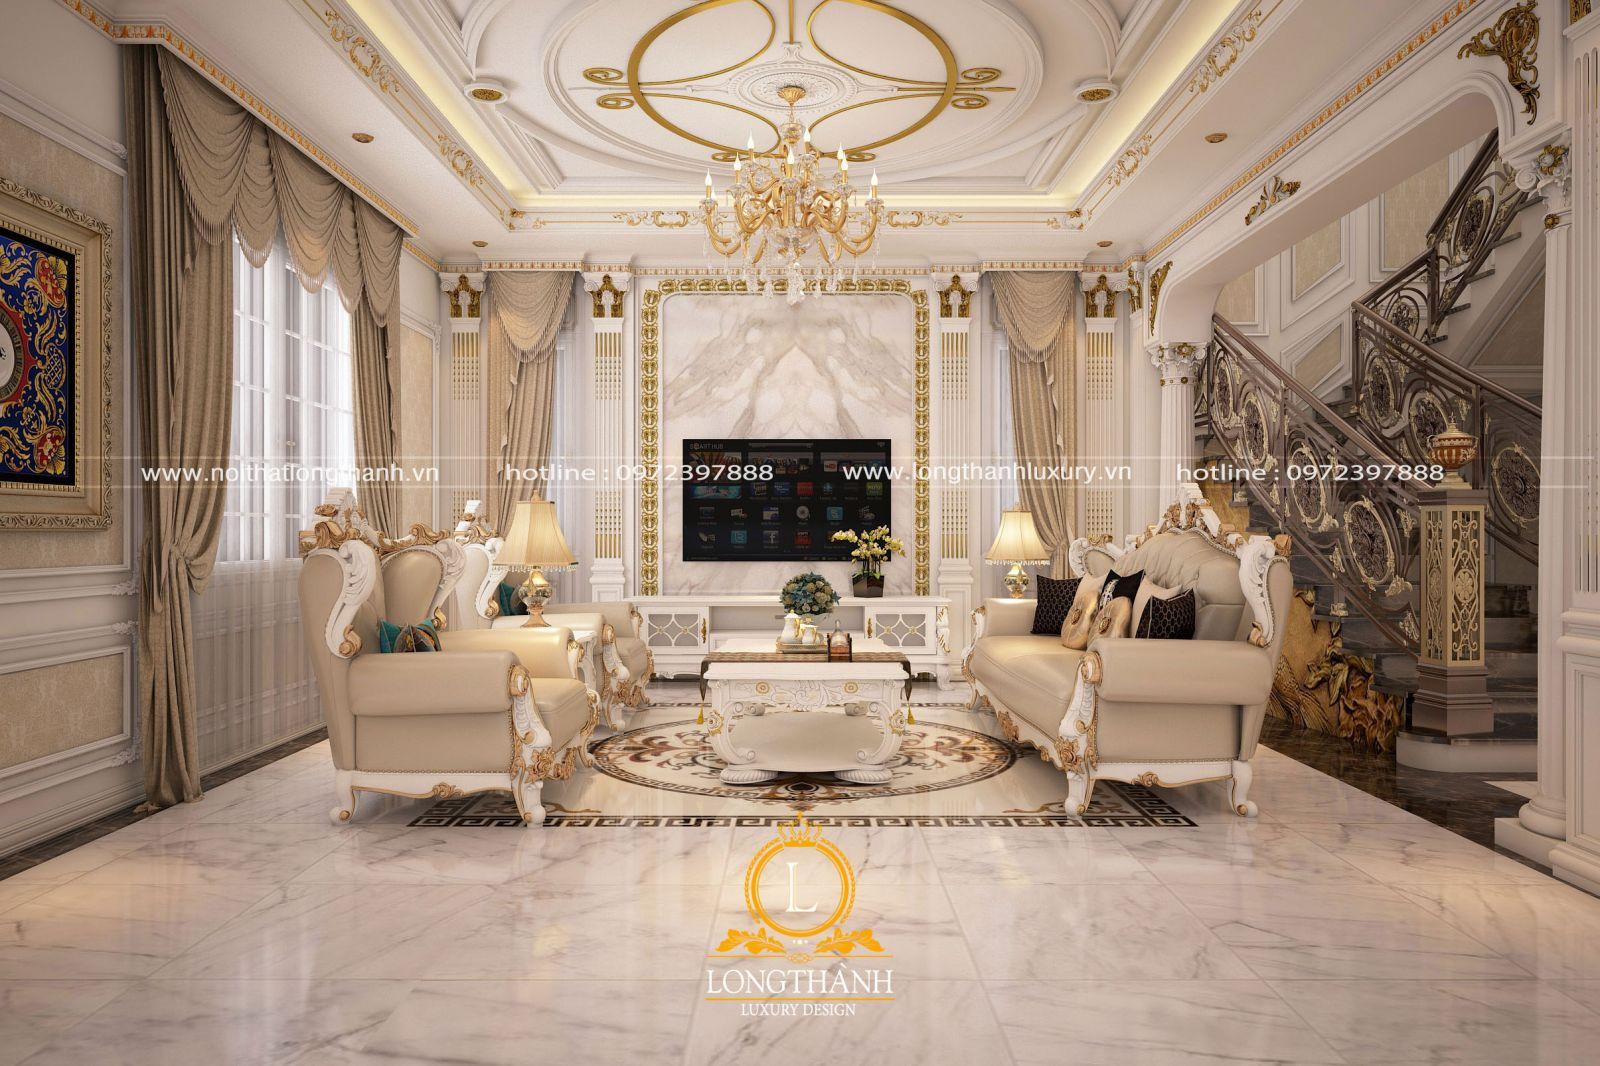 Bố cục phòng khách tuân theo tỷ lệ vàng hòa hợp